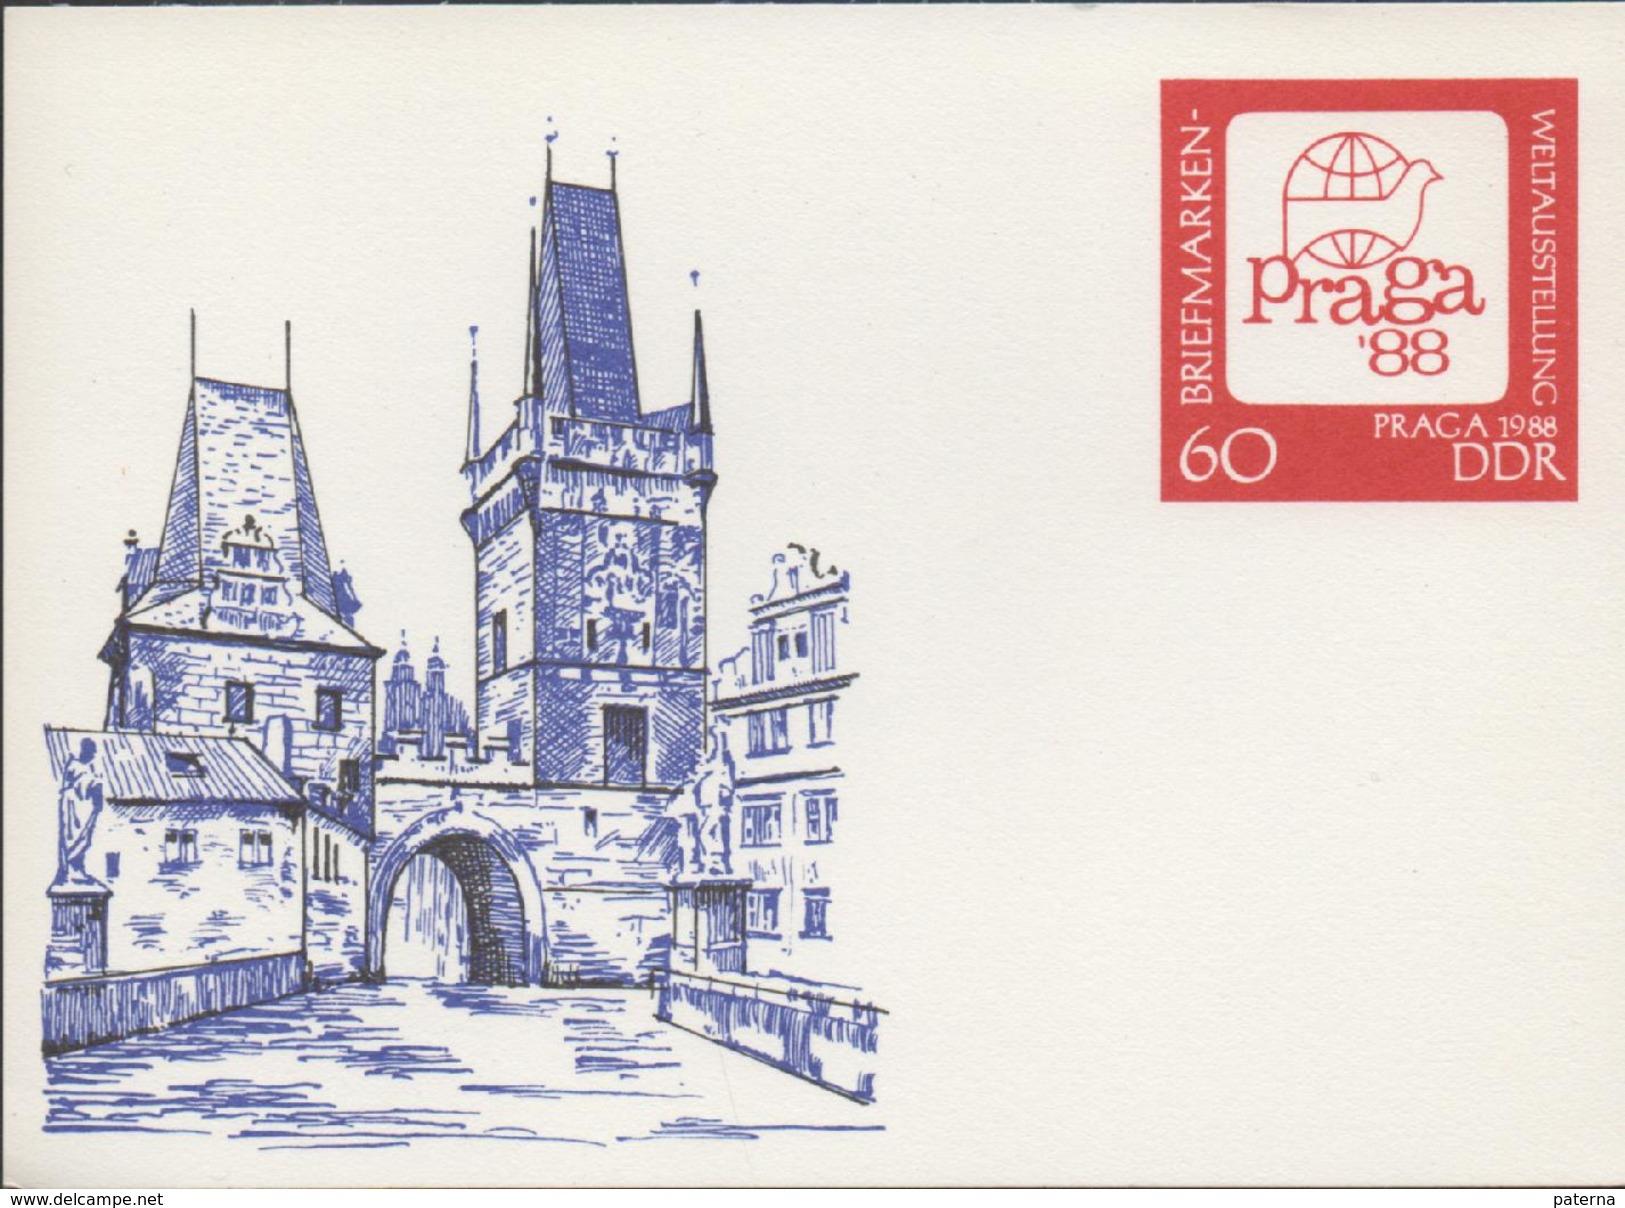 3132   Entero  Postal  Praga 1988  Alemania, DDR Briefmarken - Postales - Nuevos